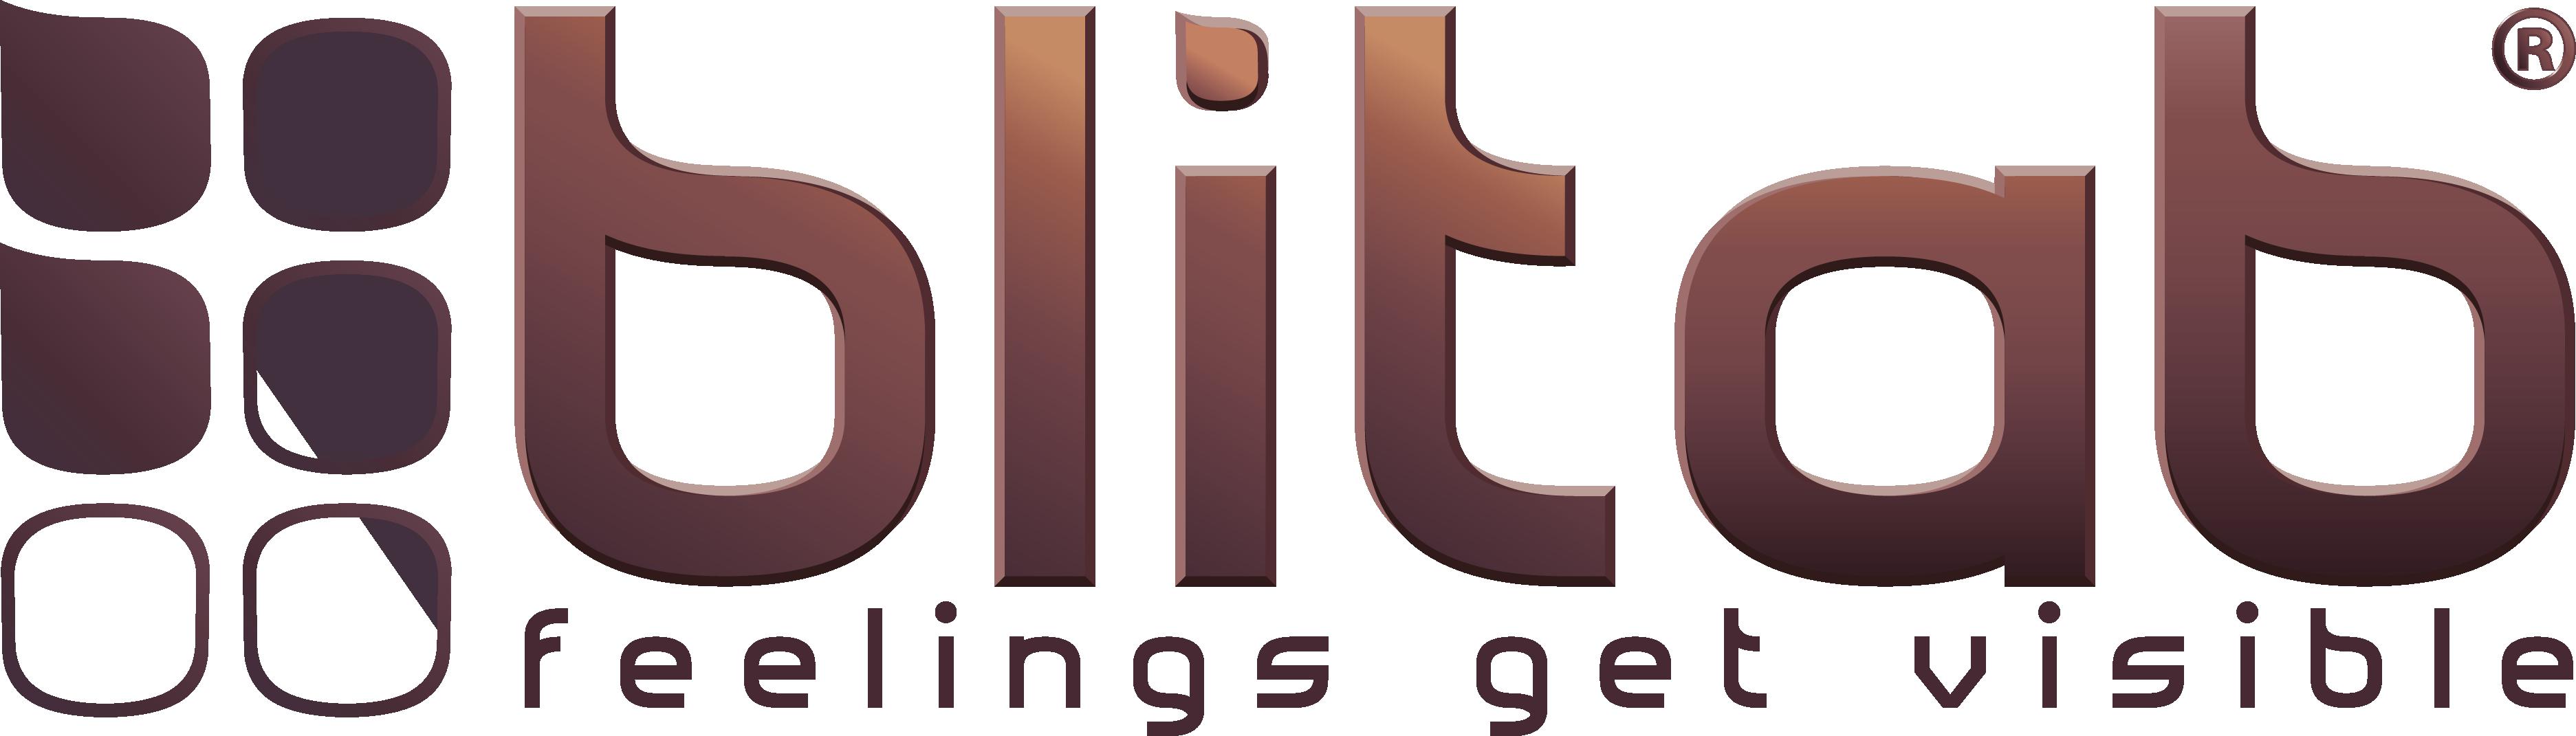 BLITAB Logo